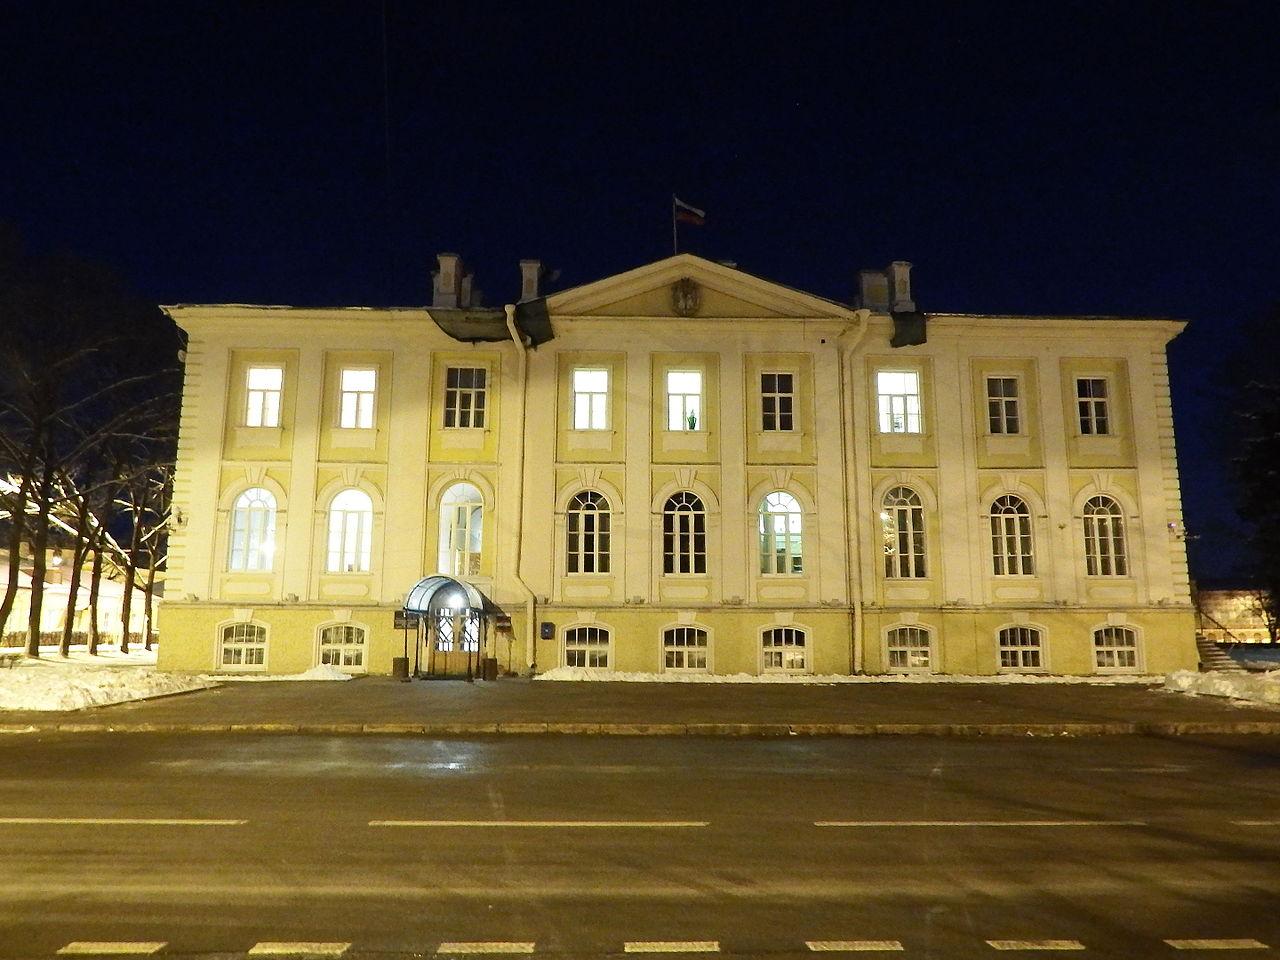 Администрация Петродворцового района. Автор фото: Professor Caretaker (Wikimedia Commons)